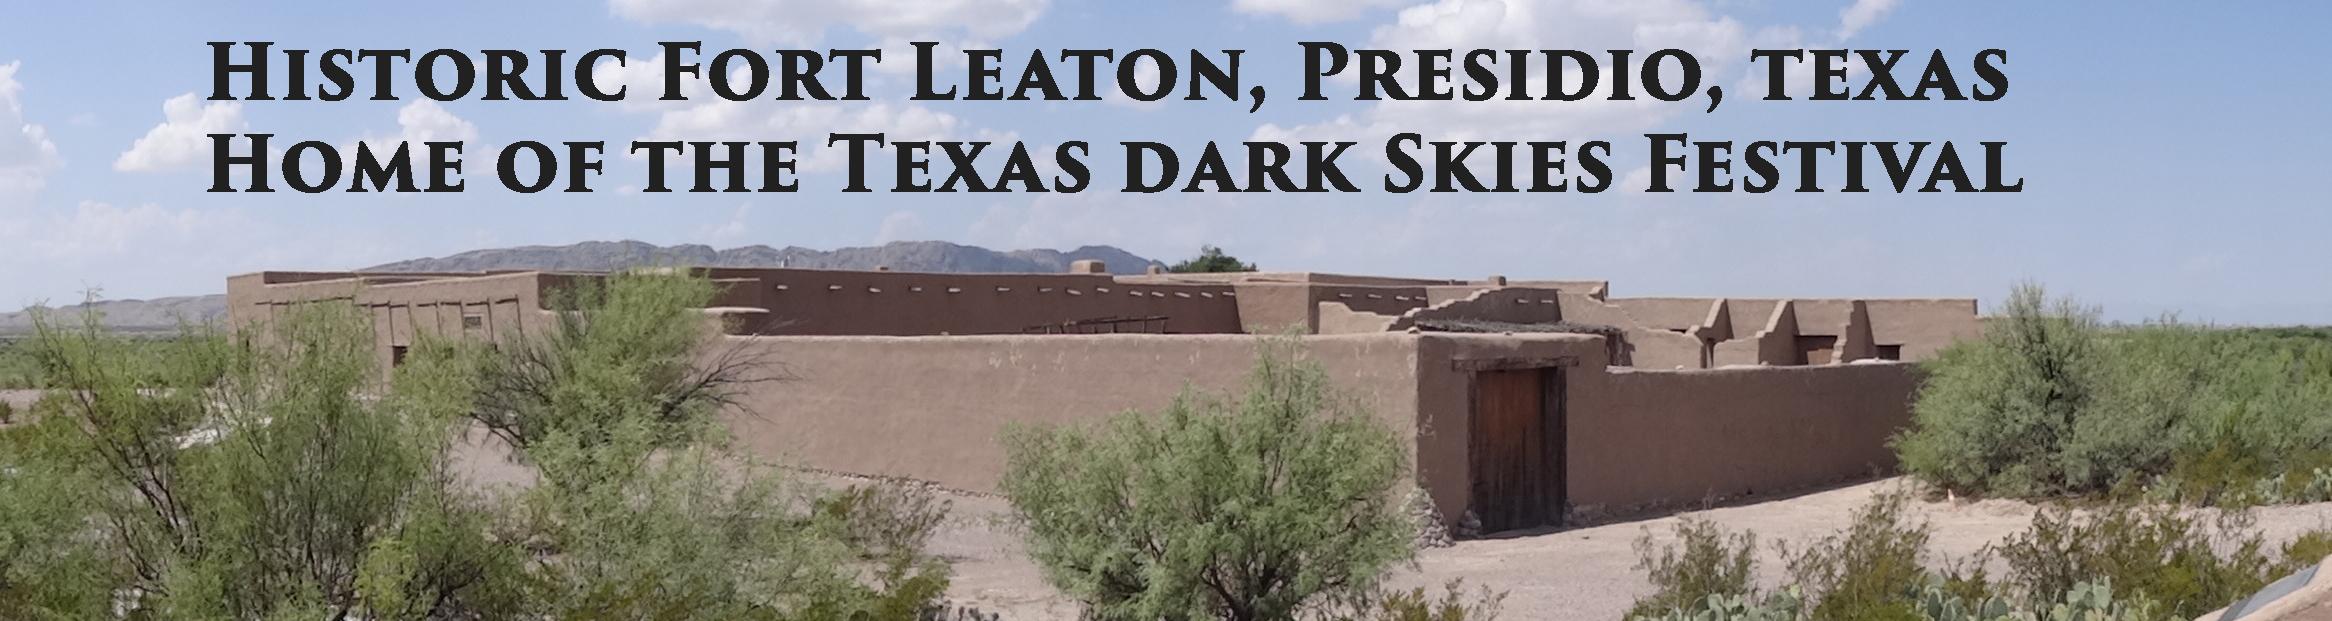 Historic Ft Leaton Trajan Pro 3 font